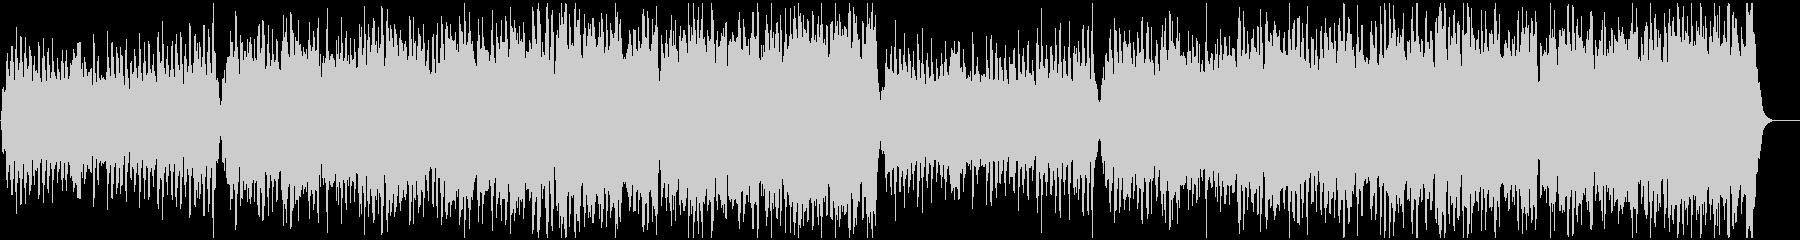 フルストリングスと木管によるワルツの未再生の波形